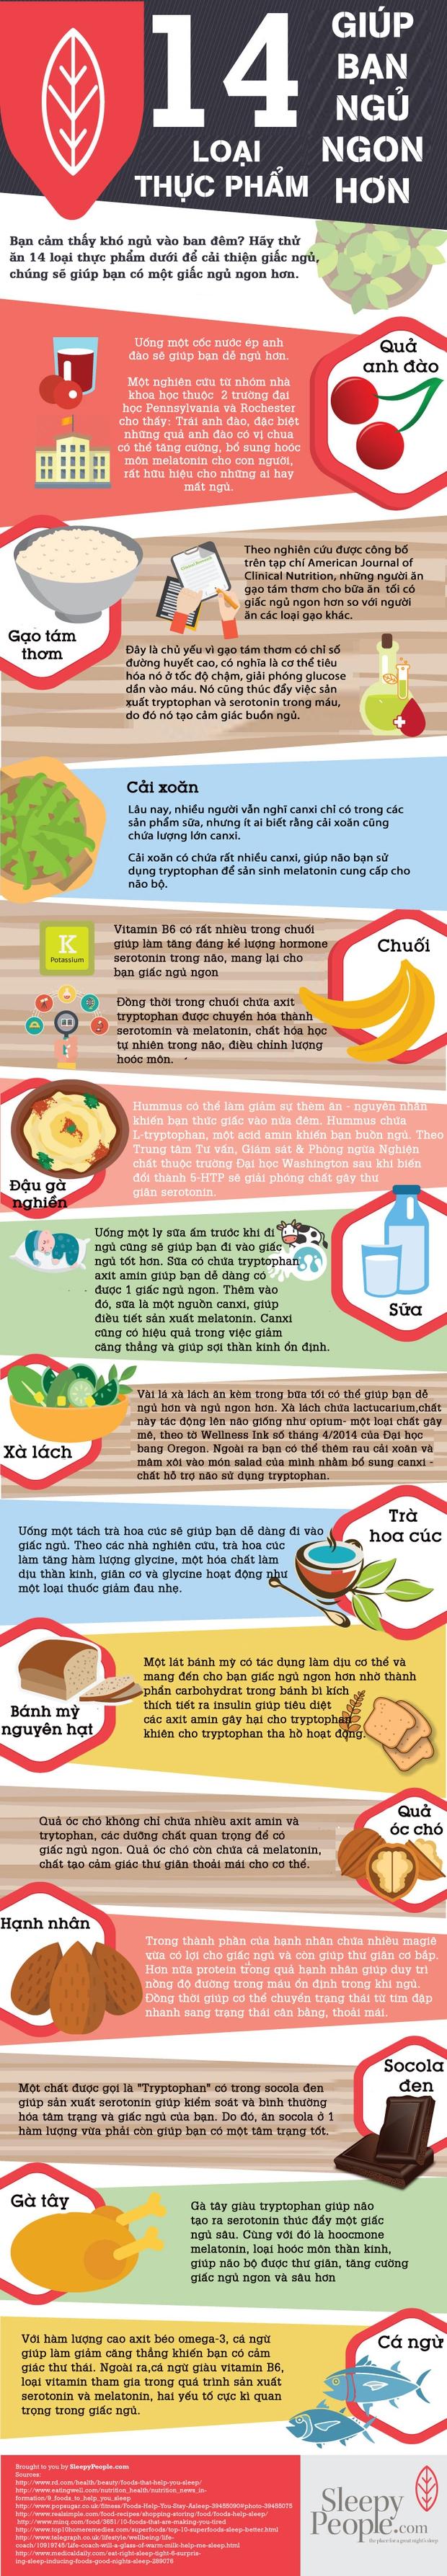 14 loại thực phẩm các chuyên gia dinh dưỡng khuyên người khó ngủ nên ăn - Ảnh 1.